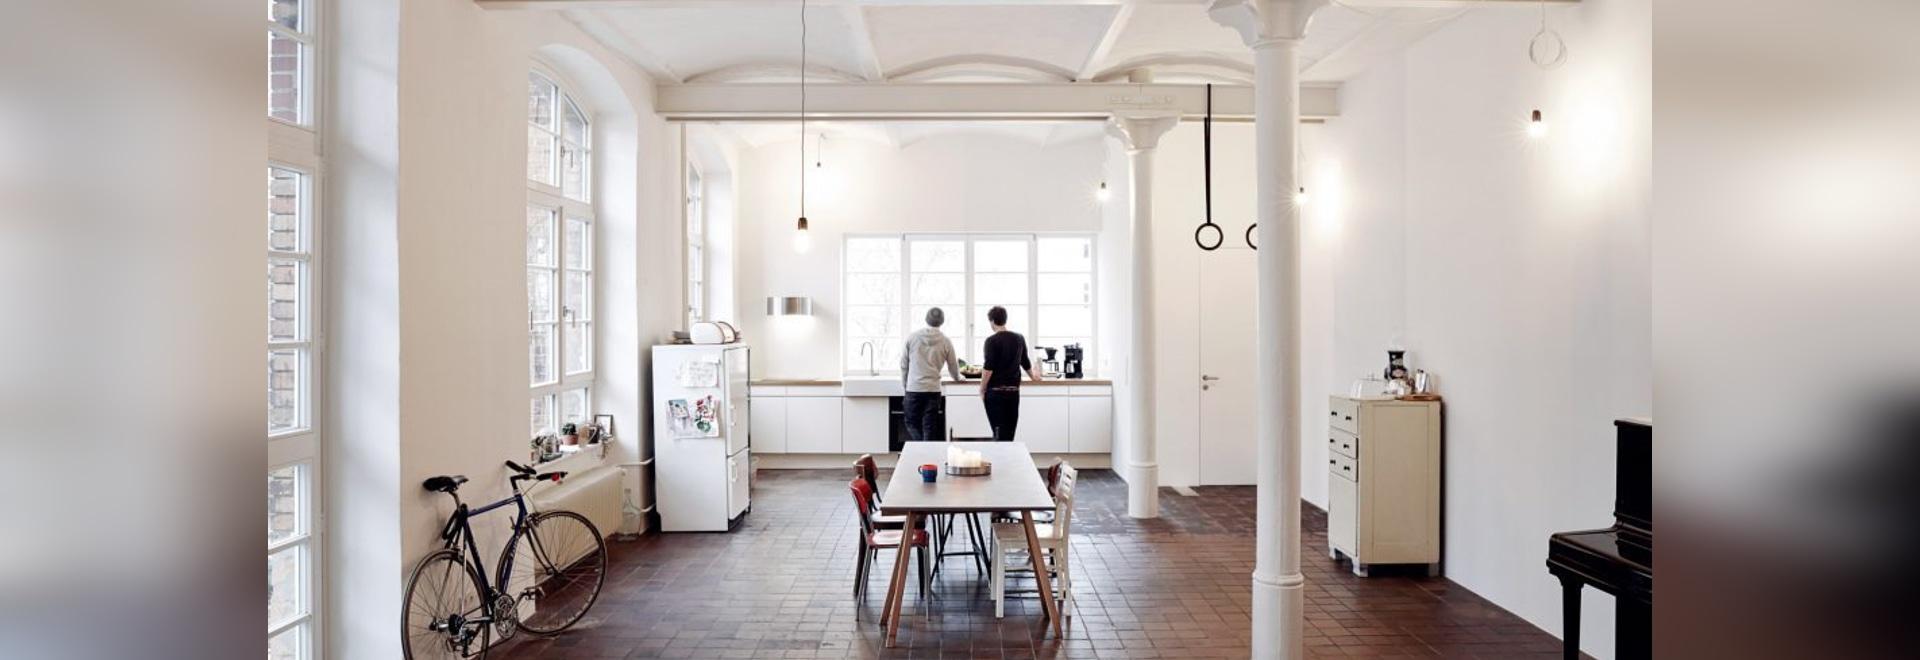 IFUB stellt Dachbodenwohnung mit gewölbten Decken in der ehemaligen ...